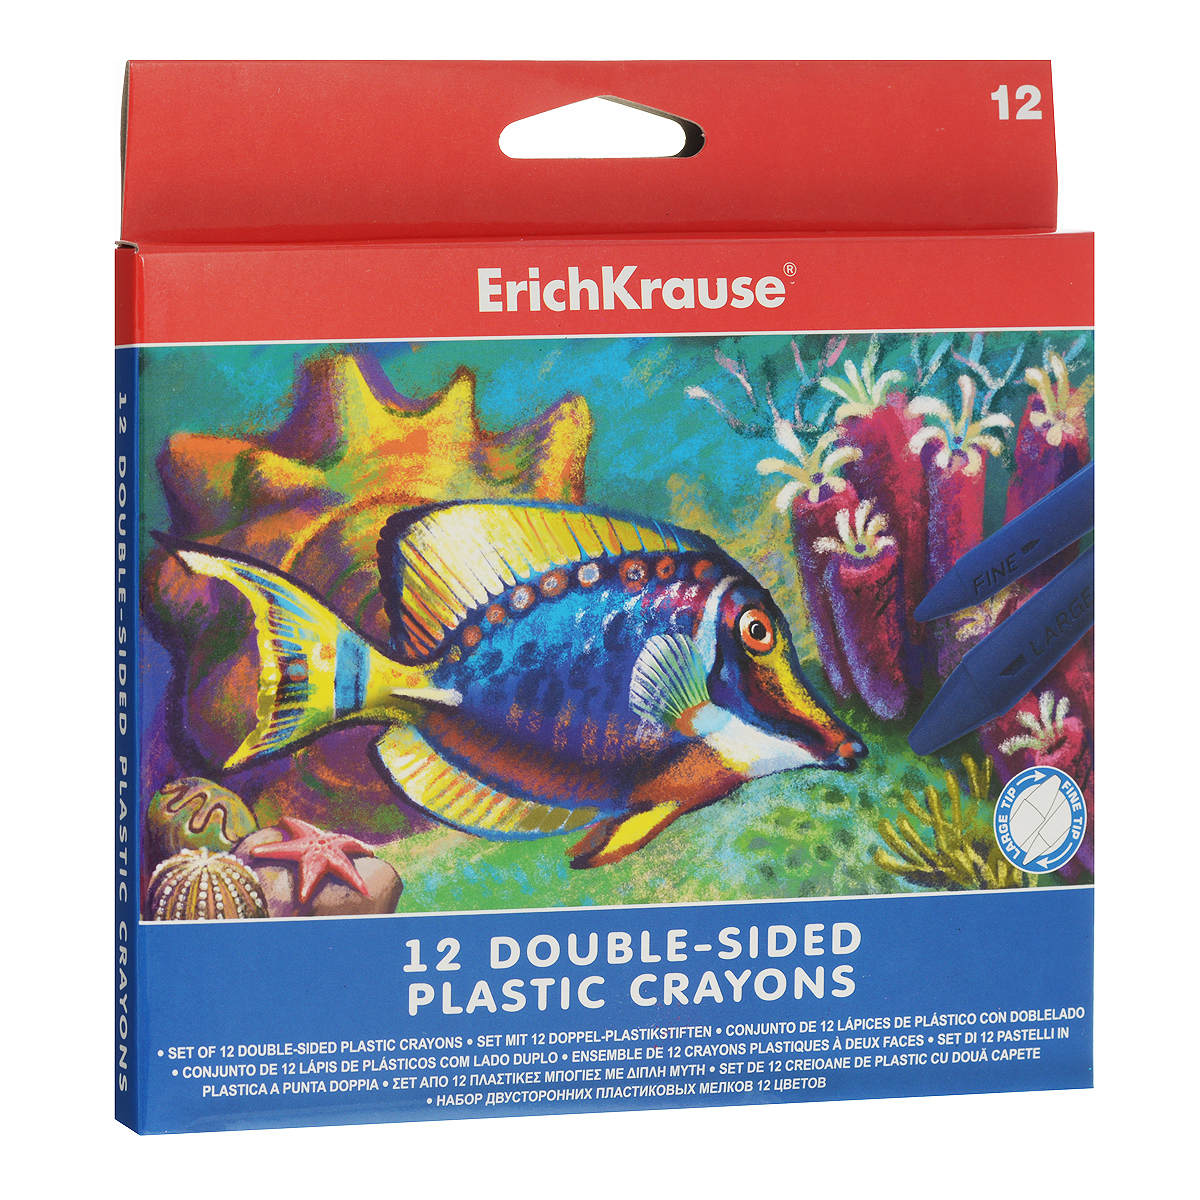 Двусторонние мелки Erich Krause, 12 цветовFS-00897Двусторонние мелки Erich Krause помогут вашему маленькому художнику раскрыть свой талант. В набор входят 12 цветных мелков (желтый, оранжевый, розовый, красный, коричневый, салатовый, зеленый, голубой, синий, светло-фиолетовый, фиолетовый, черный).Мелками очень удобно пользоваться: с одной стороны имеется широкий наконечник для быстрого раскрашивания, а с другой - узкий наконечник для тонких линий. Их не нужно точить, кроме того, они водоустойчивы. Мелки помогут малышу развить мелкую моторику рук, координацию движений, цветовое восприятие, воображение и творческое мышление.